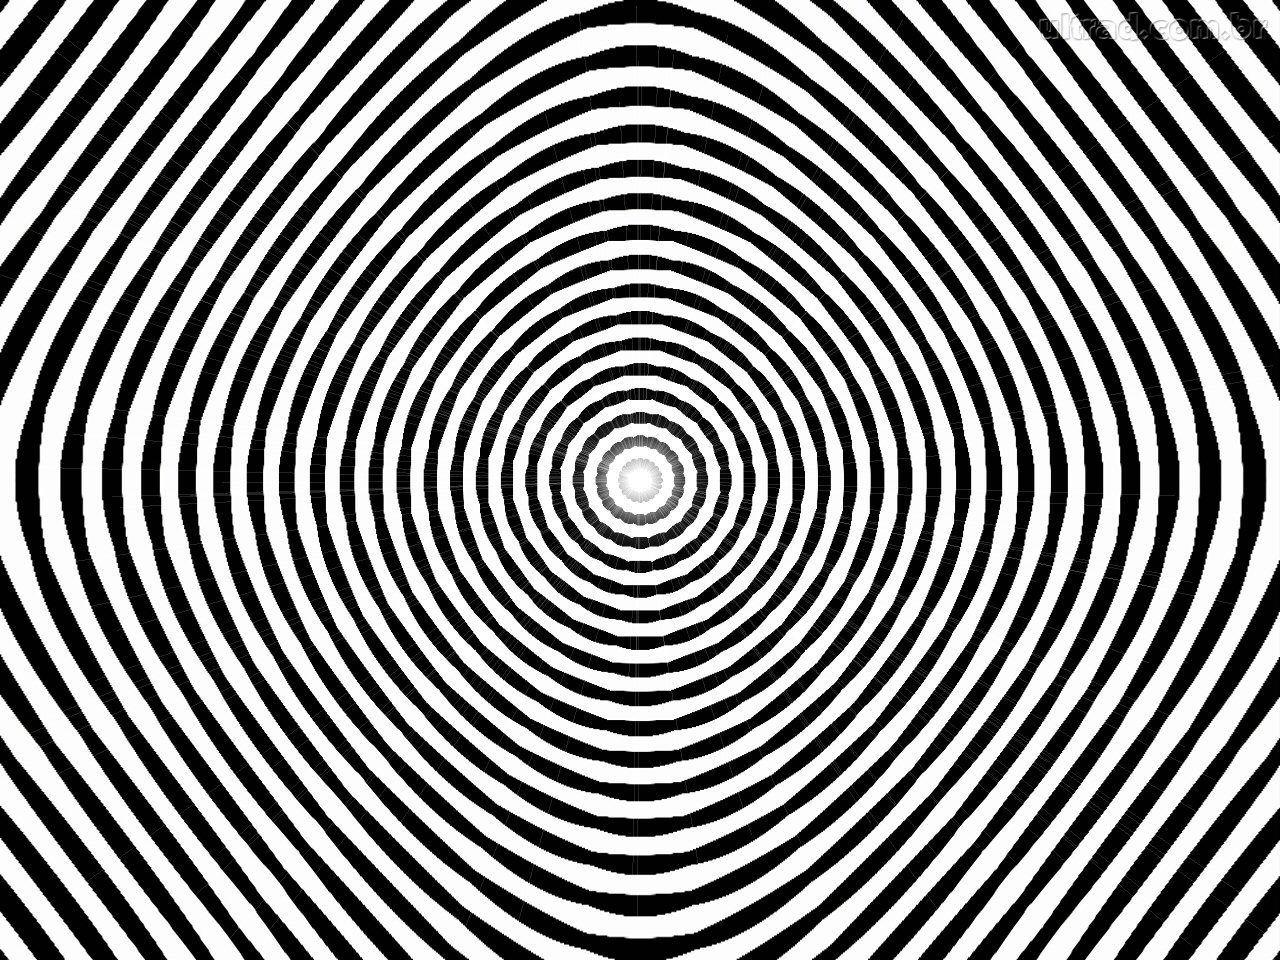 10 ilusões de ótica que vão fritar o seu cérebro